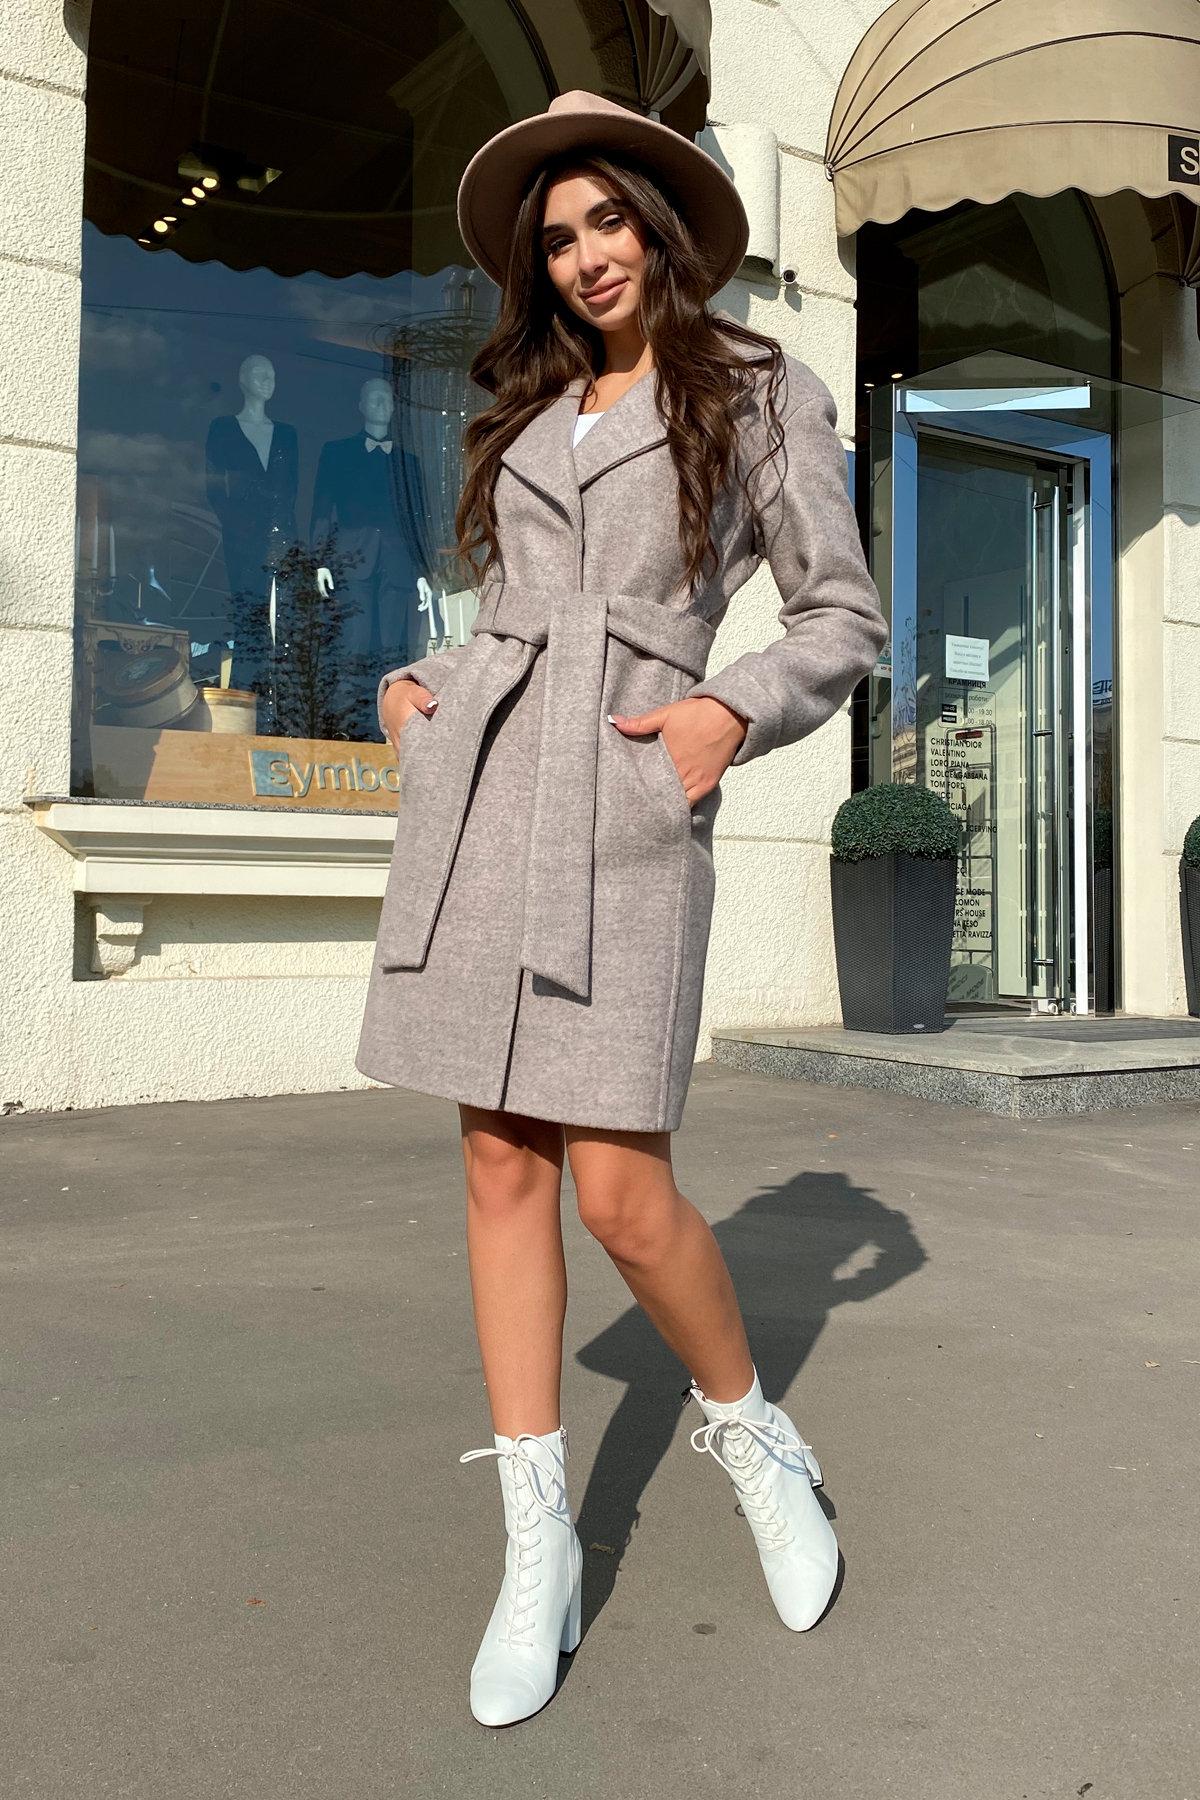 Пальто Месси 6259 АРТ. 41054 Цвет: Бежевый 31 - фото 3, интернет магазин tm-modus.ru